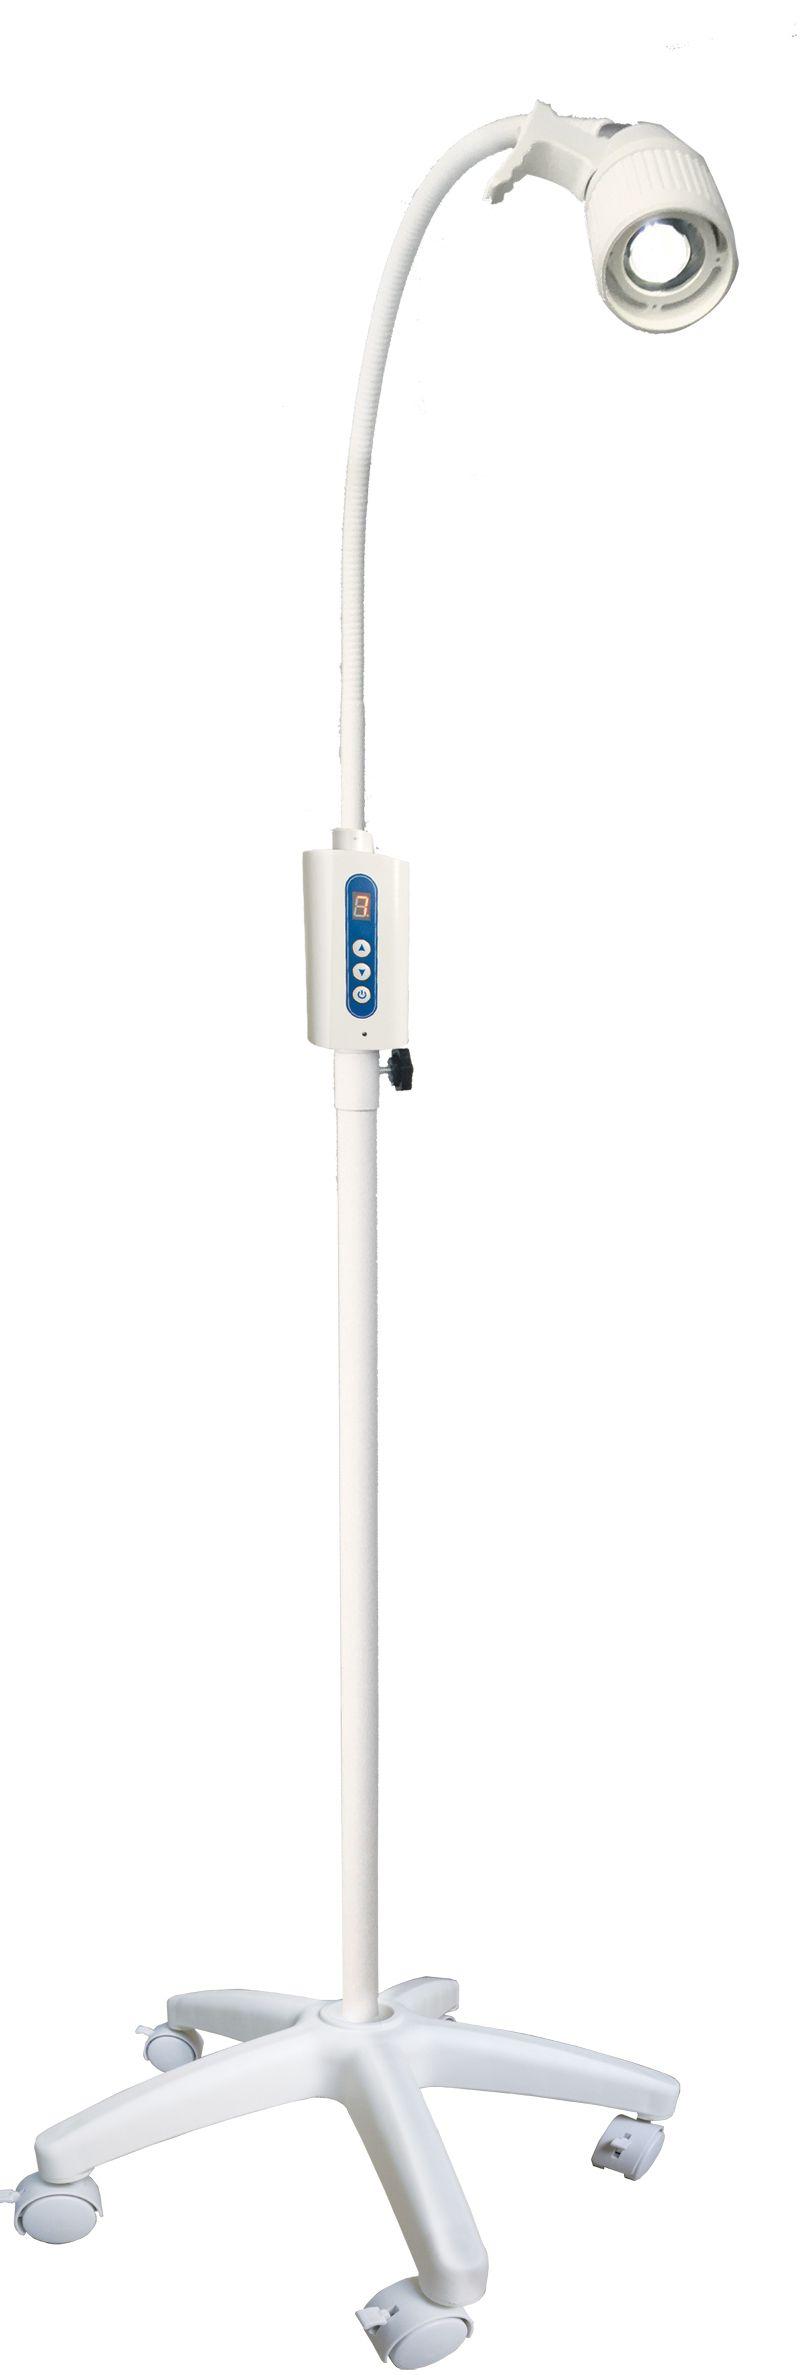 Lampa de examinare medicala LED MST Q3